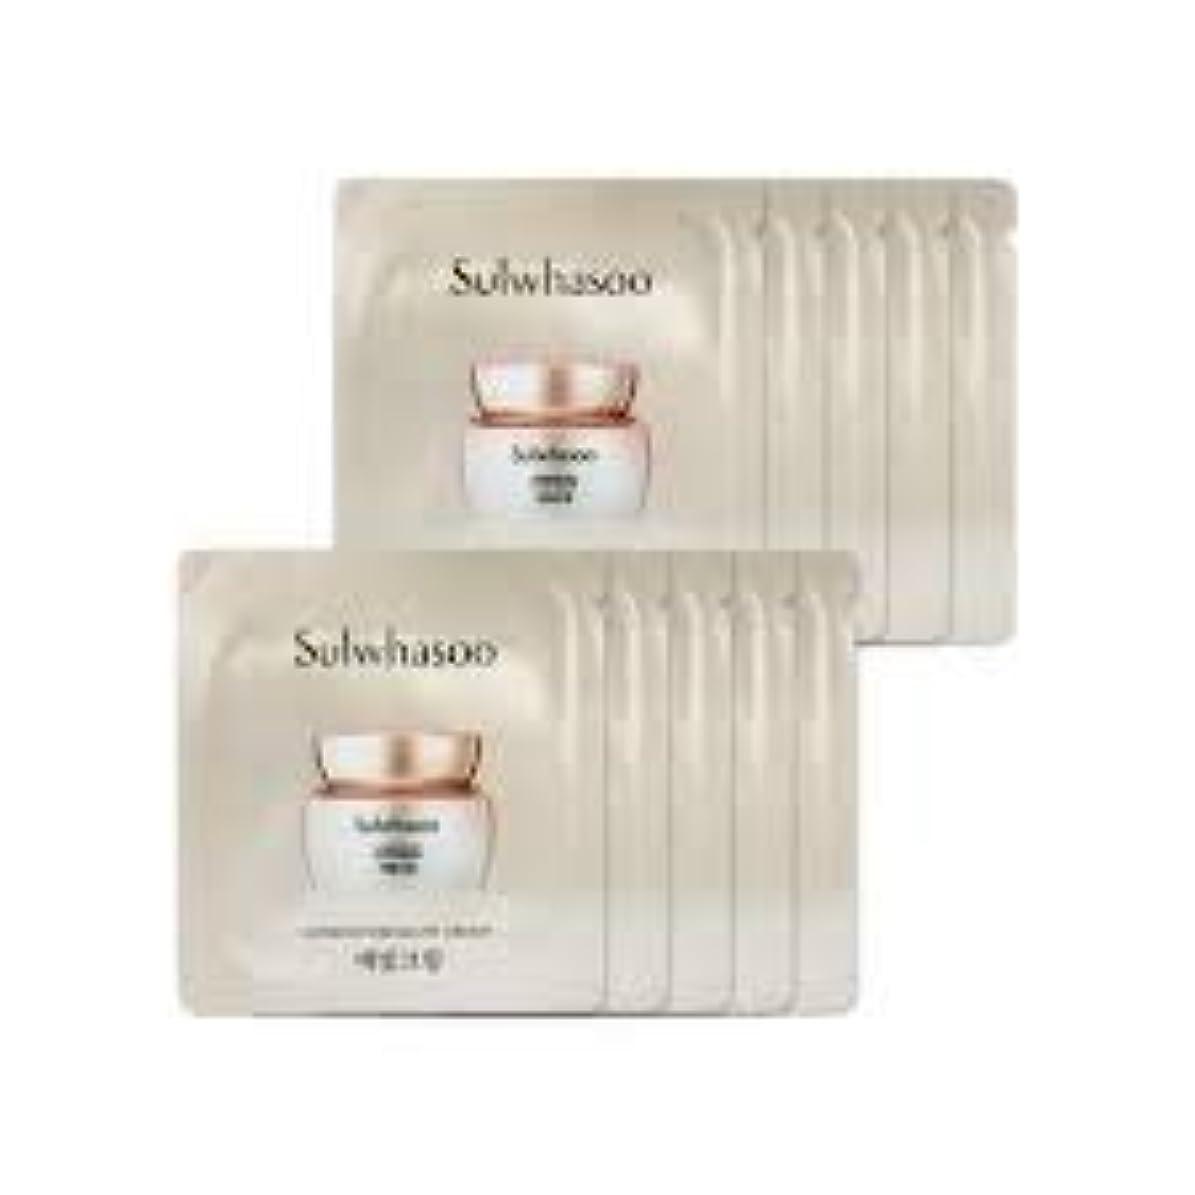 パワーくるみ枢機卿[ソルファス ] Sulwhasoo (雪花秀) ルミナチュアグロー Luminature Glow Cream 1ml x 30 (イェビトクリーム) [ShopMaster1]